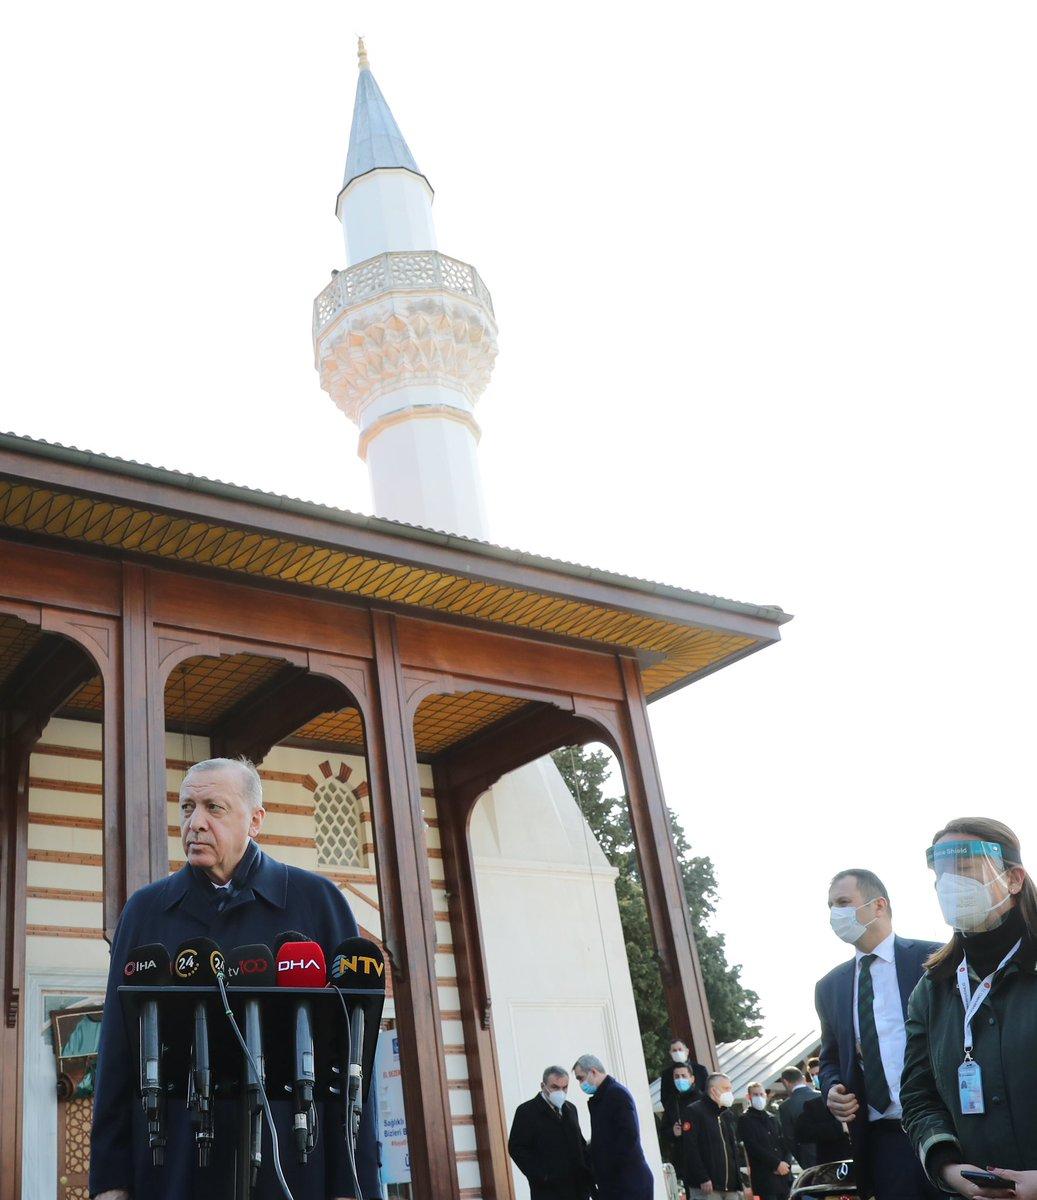 Cumhurbaşkanı @RTErdogan, Cuma namazını Üsküdar Kerem Aydınlar Camii'nde kıldı